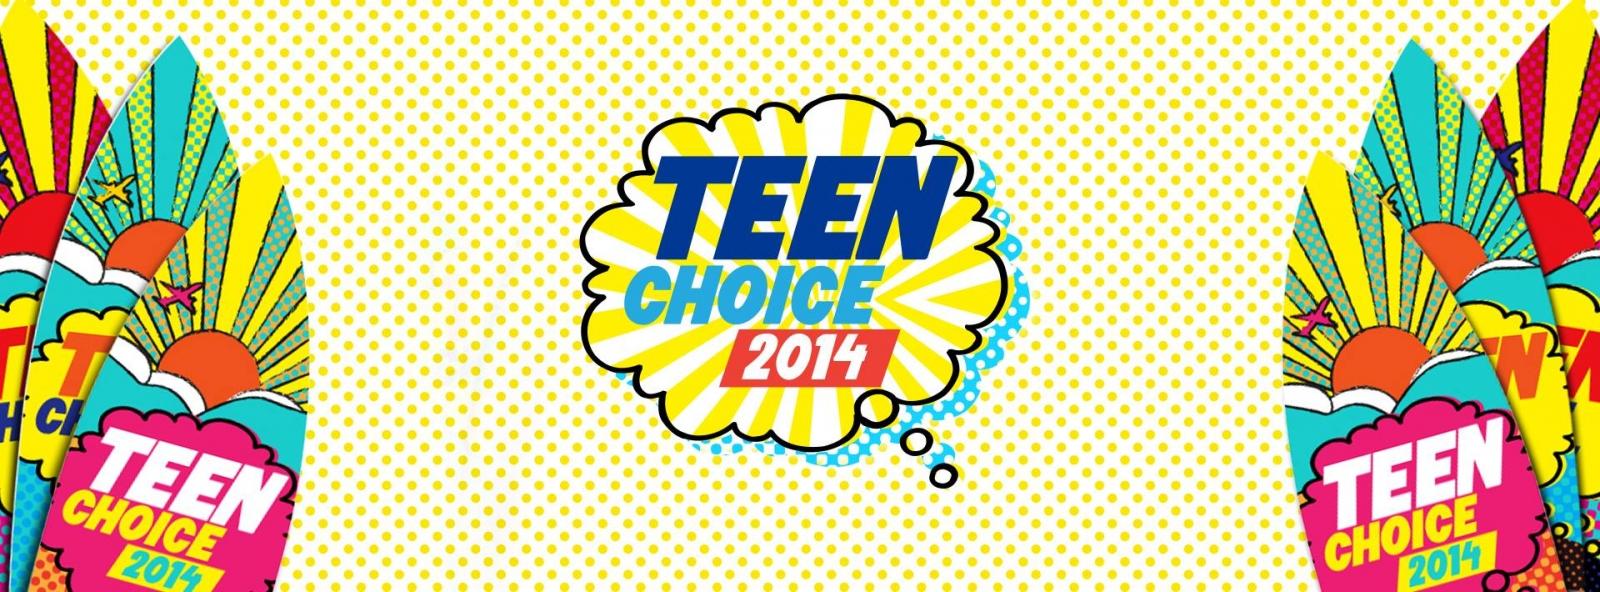 FOX Teen Choice Awards 2014